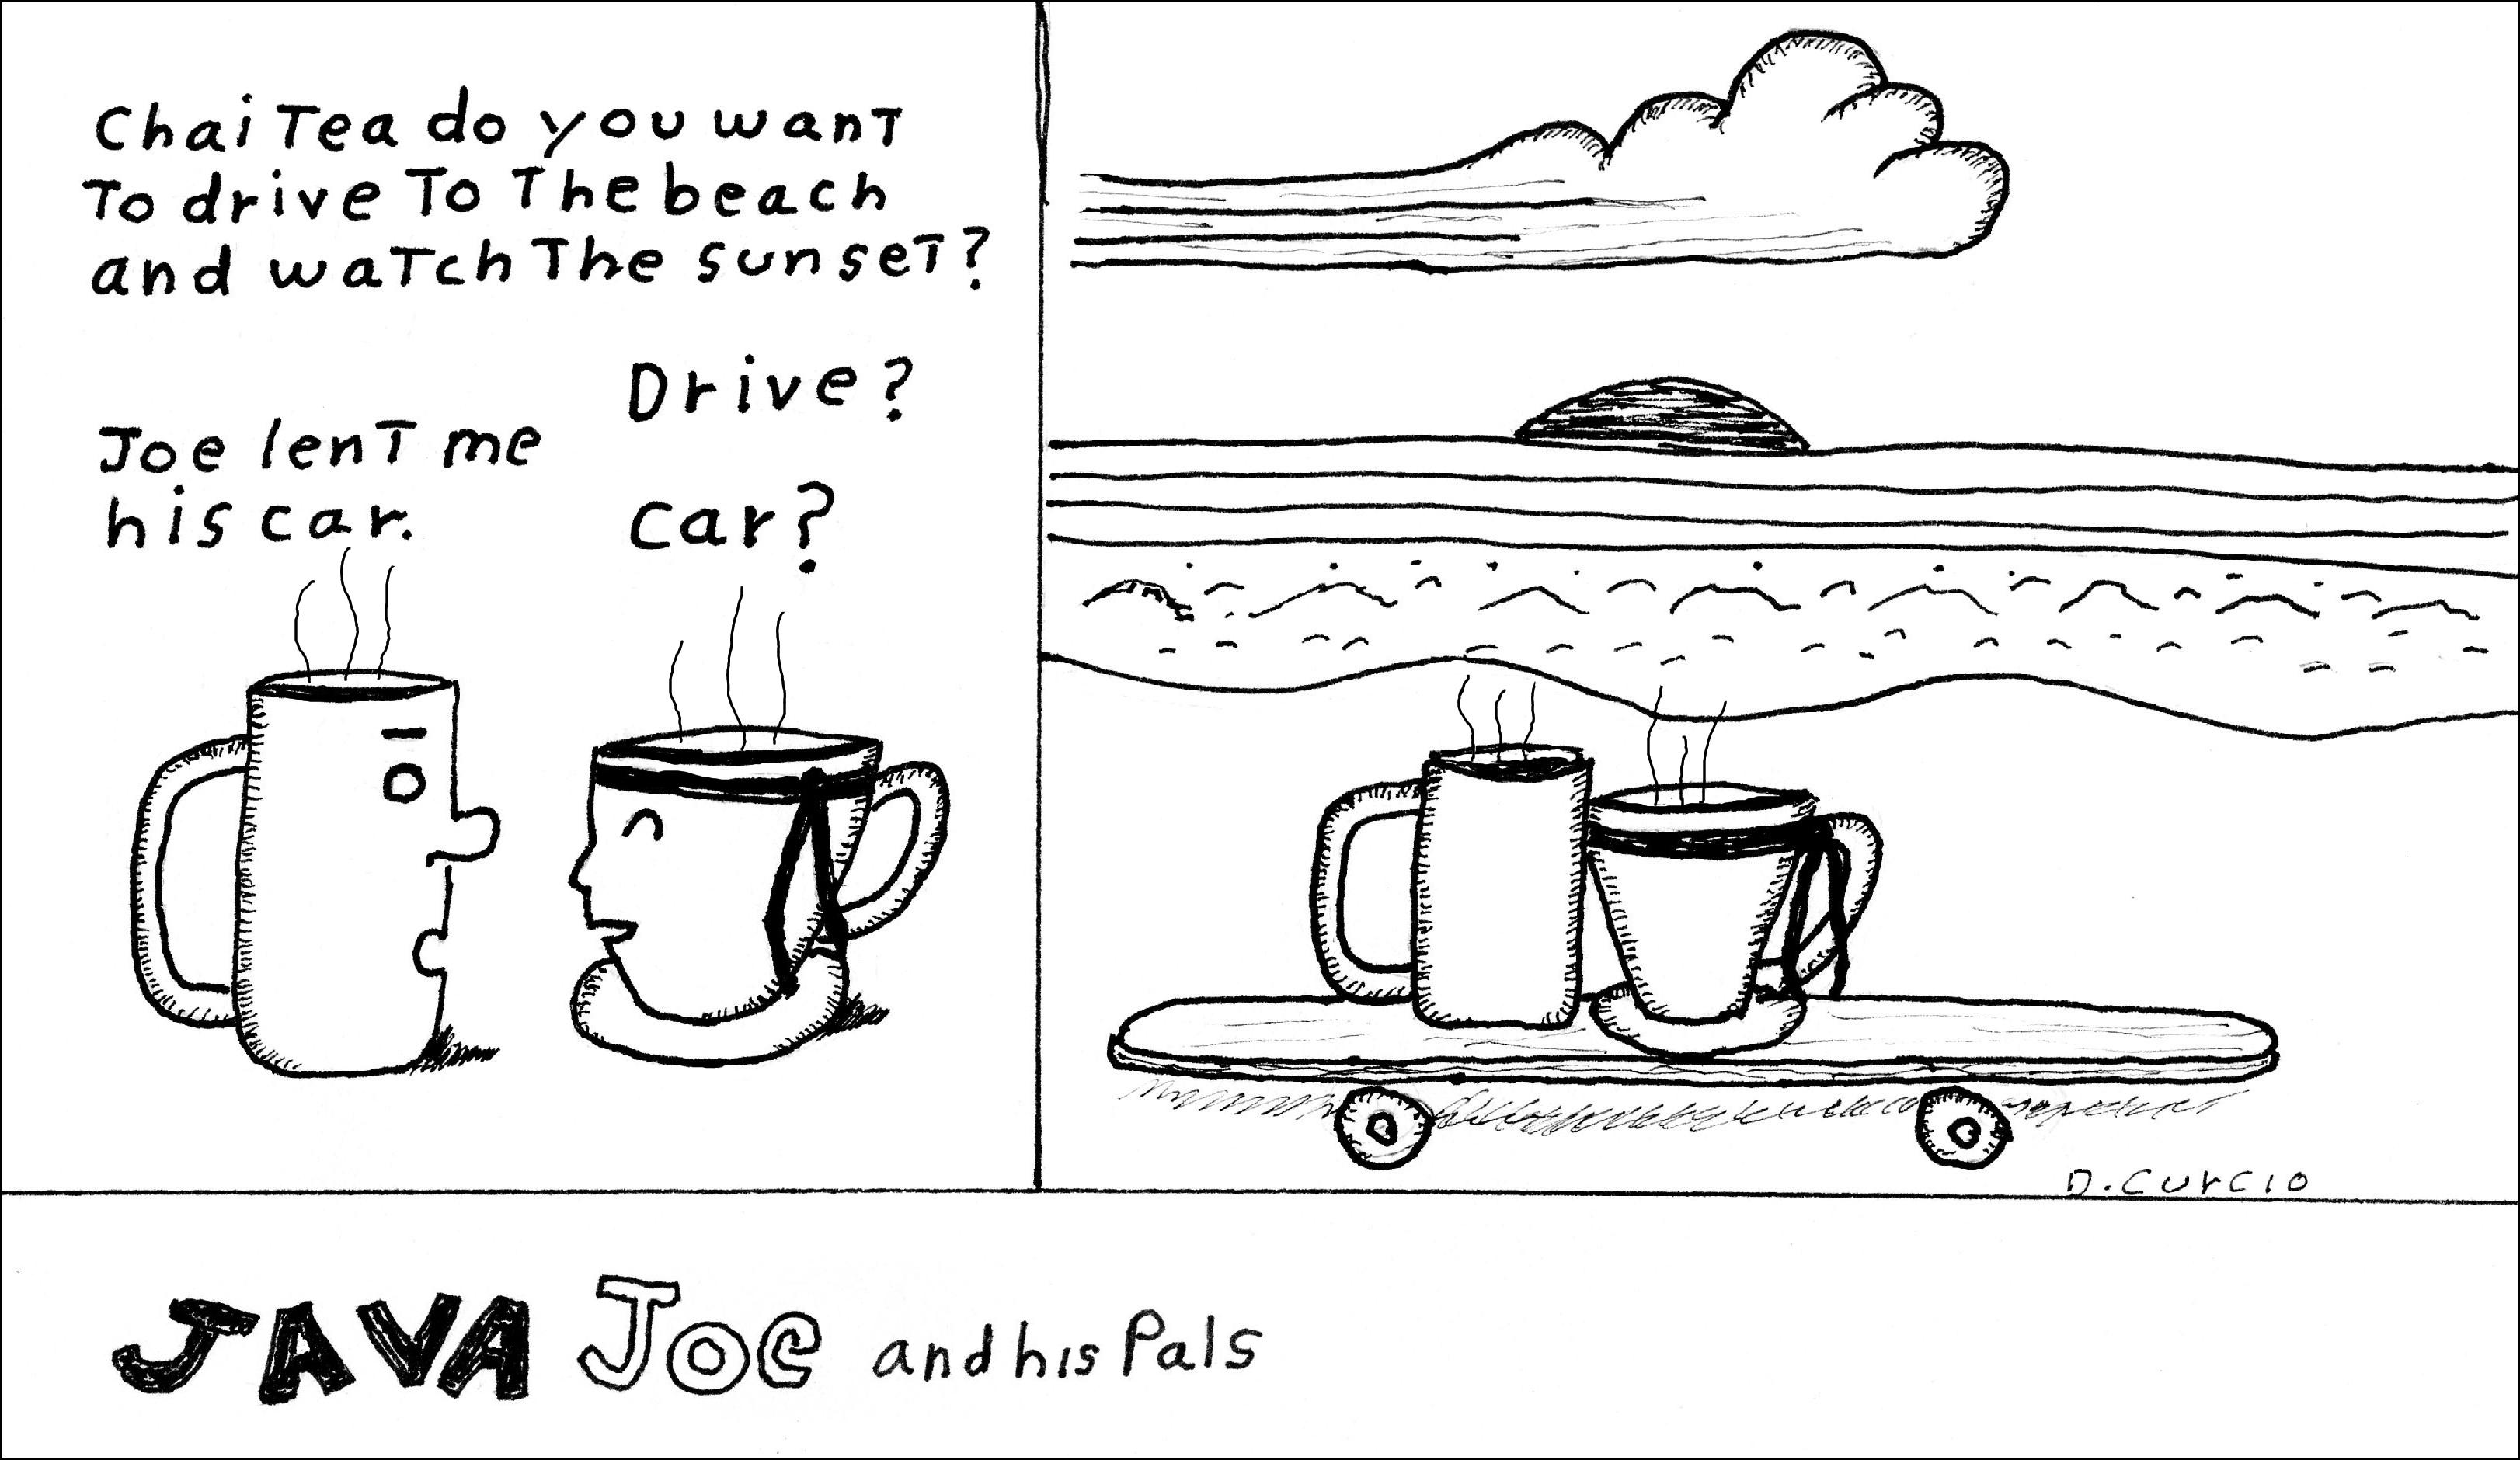 Muggsy Joes Car